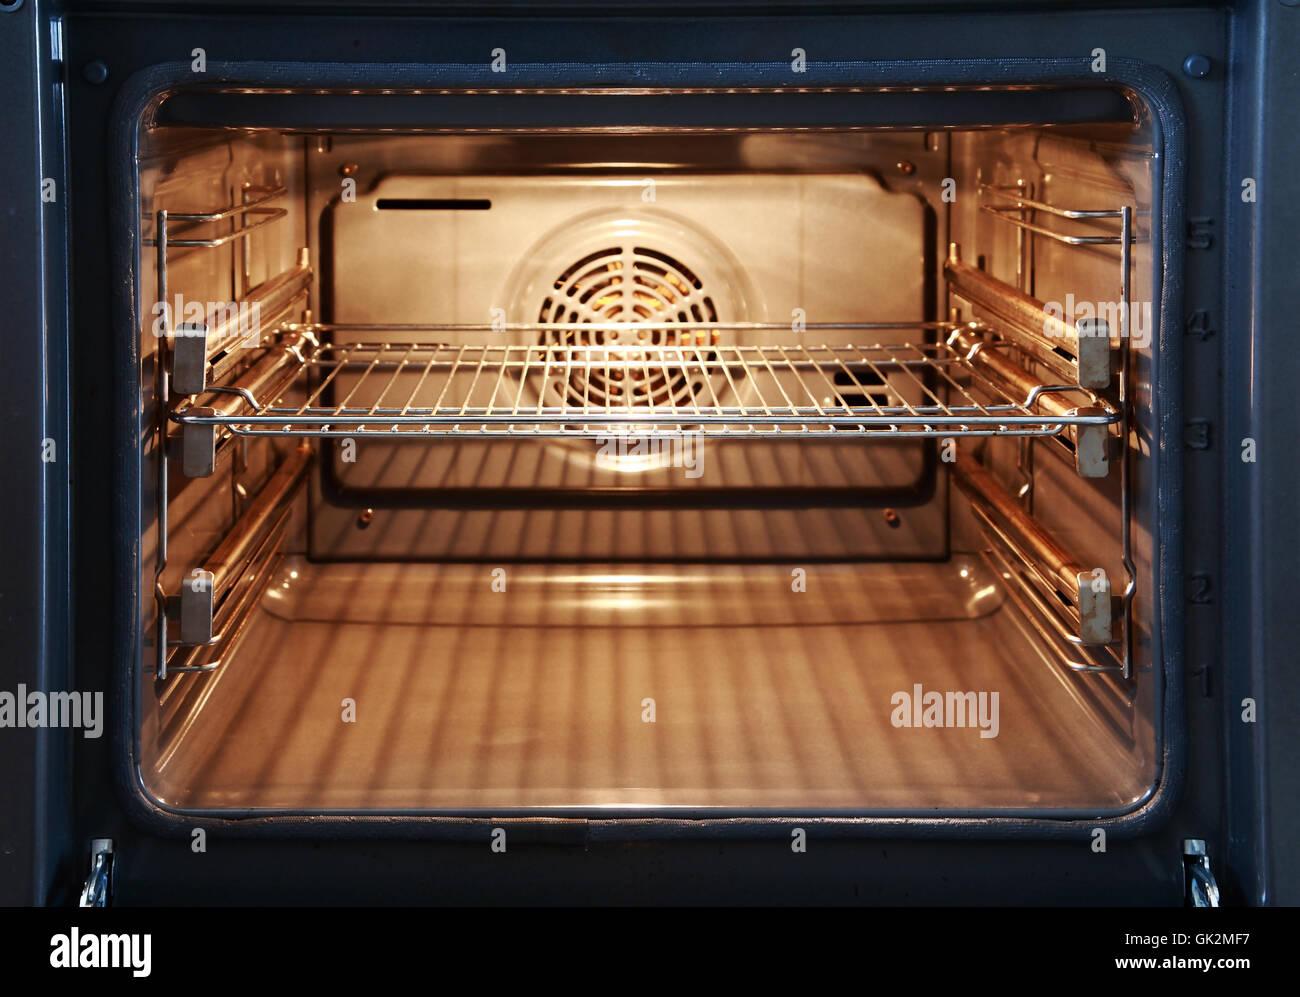 Cuisine électronique de l'outil Photo Stock